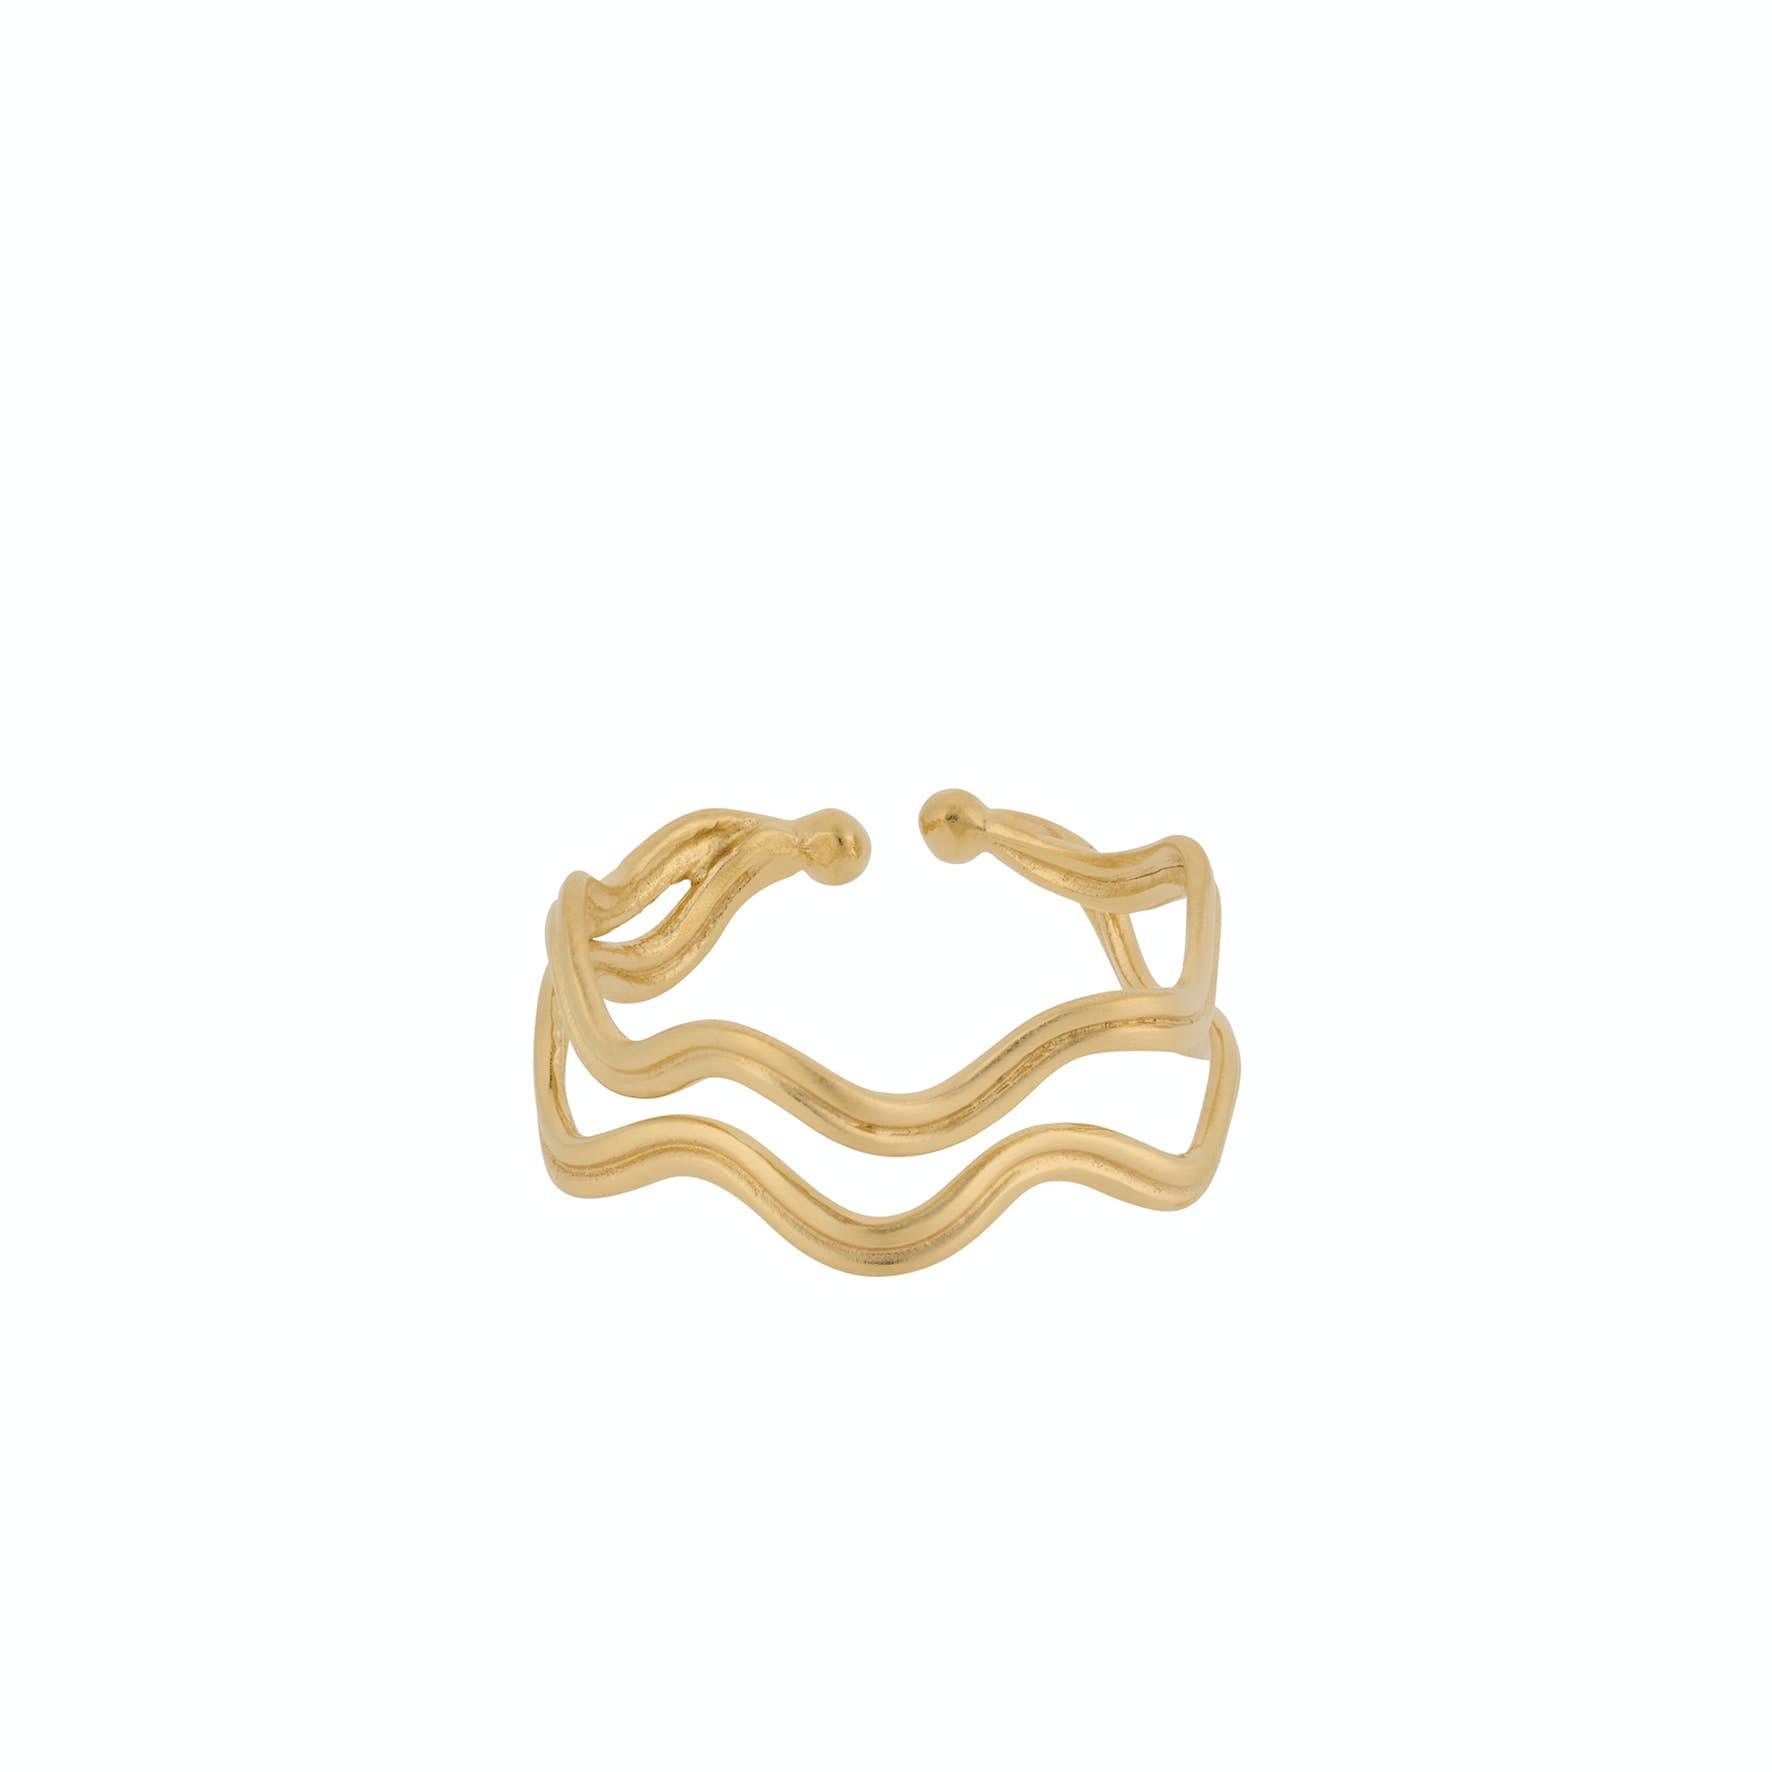 Double Wave Ring fra Pernille Corydon i Forgylt-Sølv Sterling 925